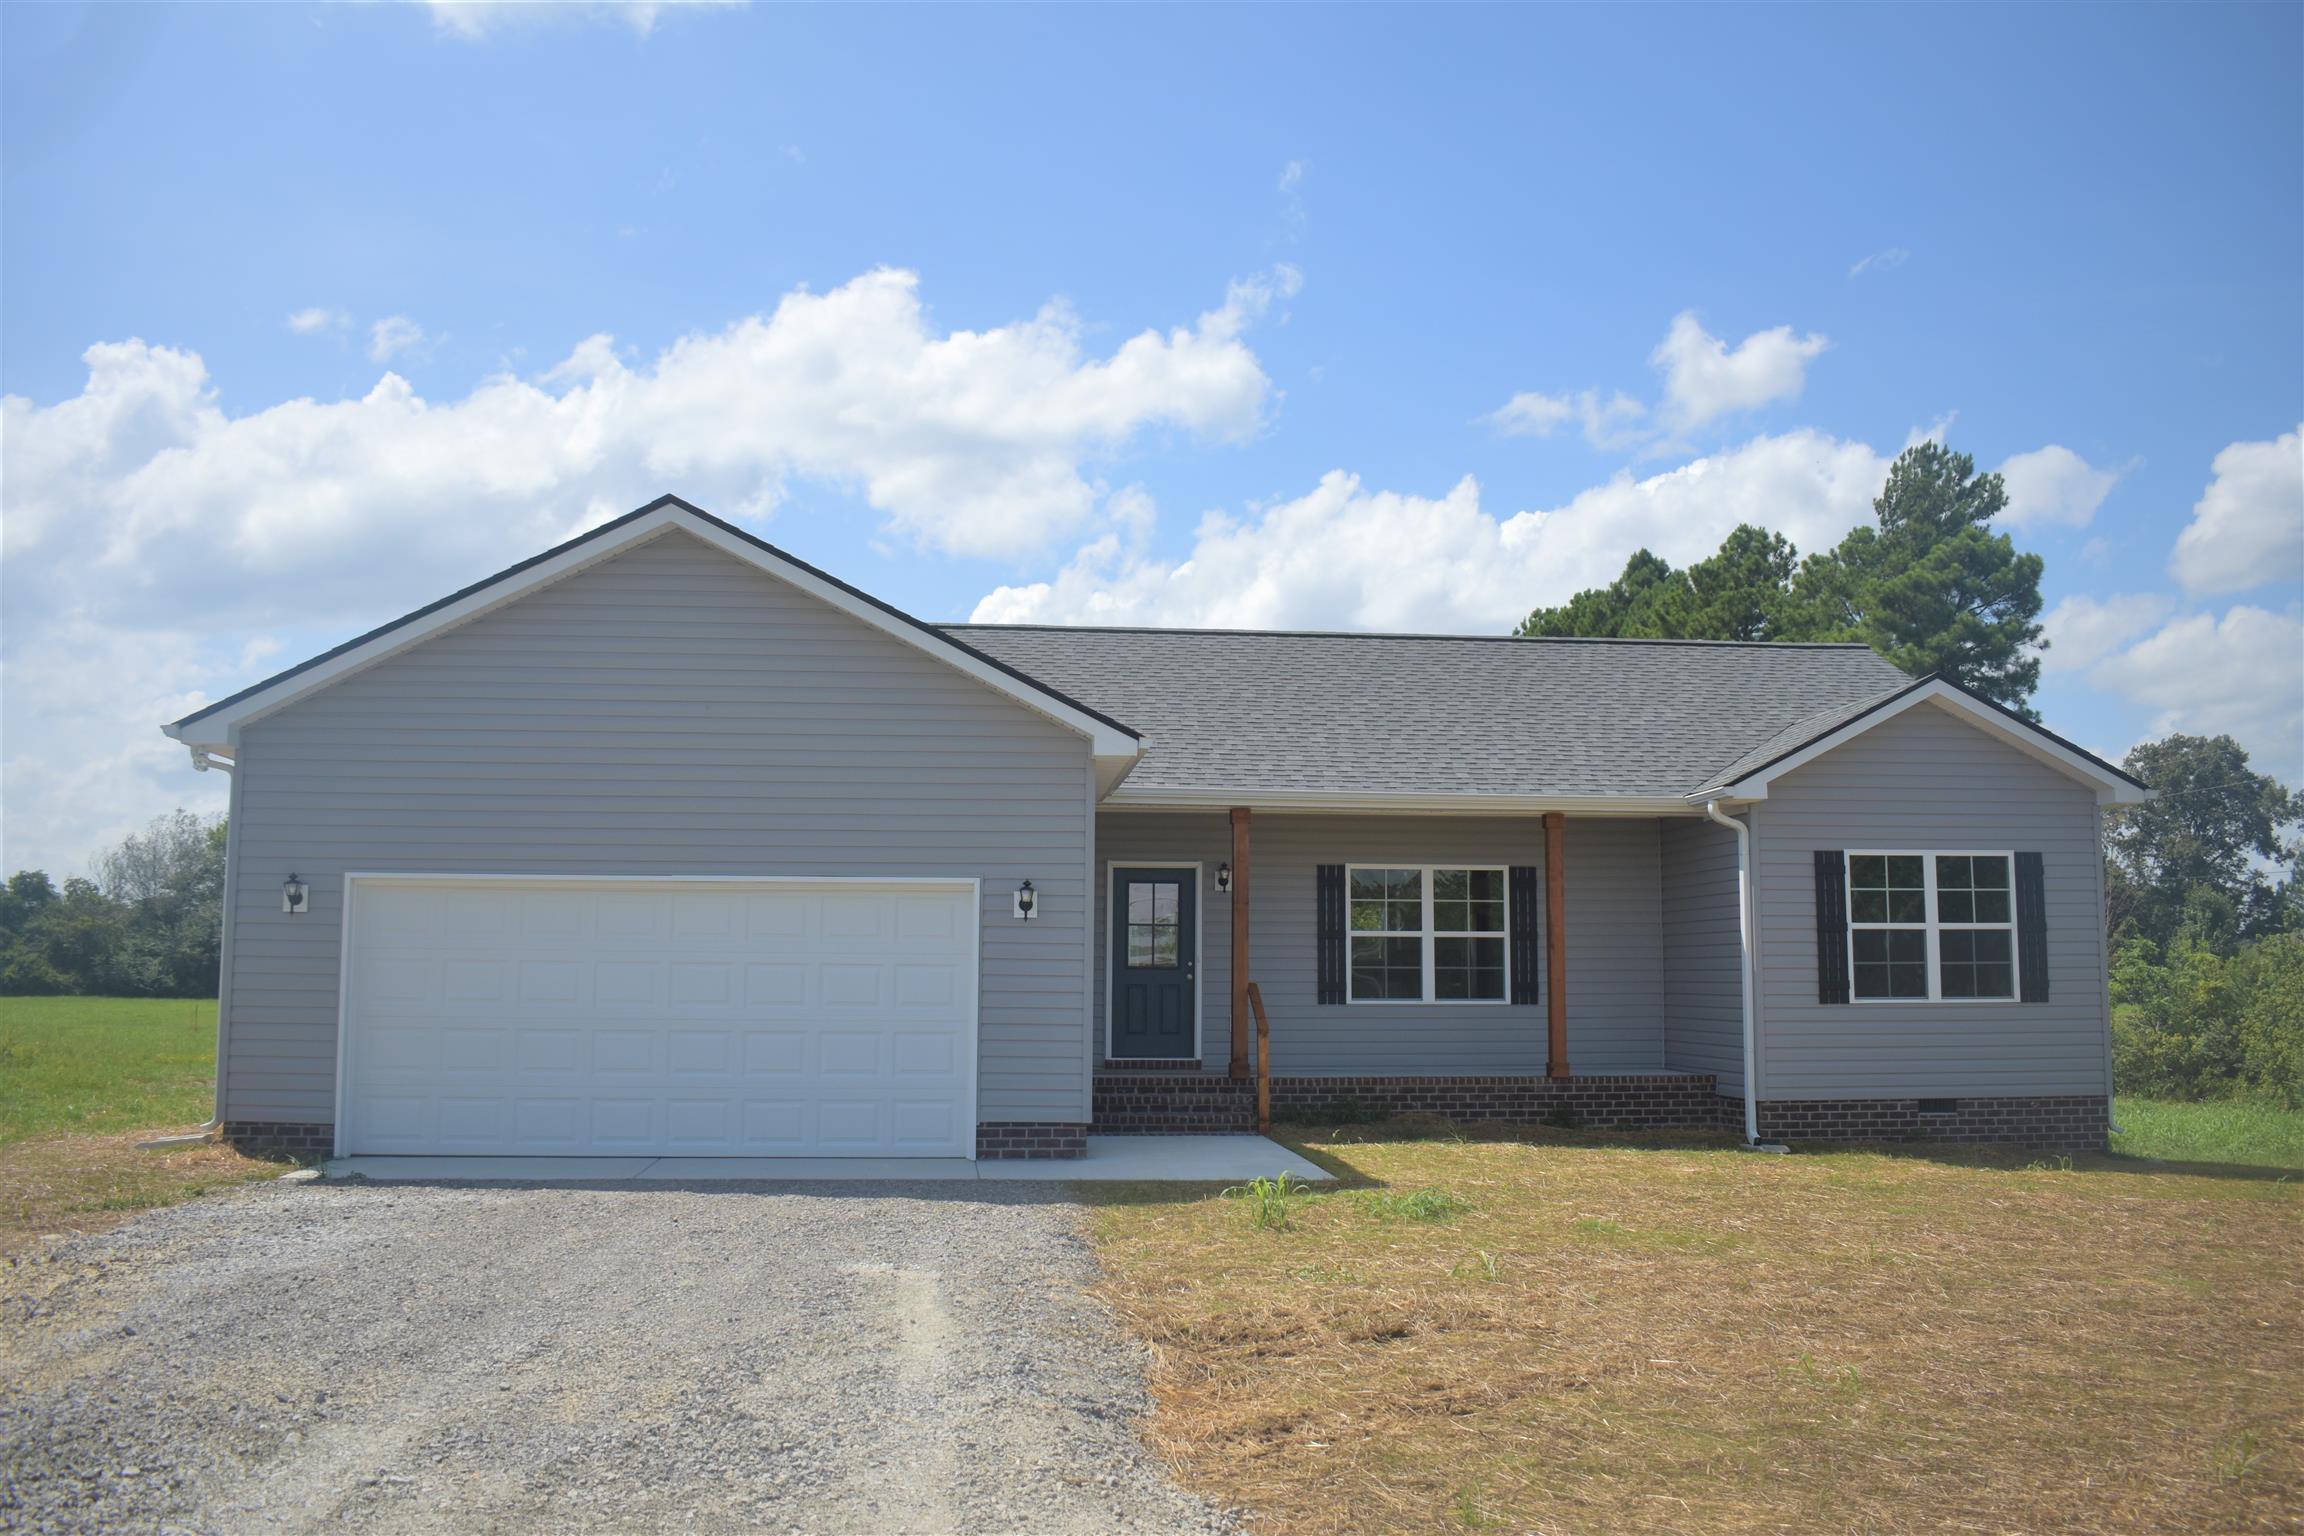 106 Heather Heights, Bradyville, TN 37026 - Bradyville, TN real estate listing